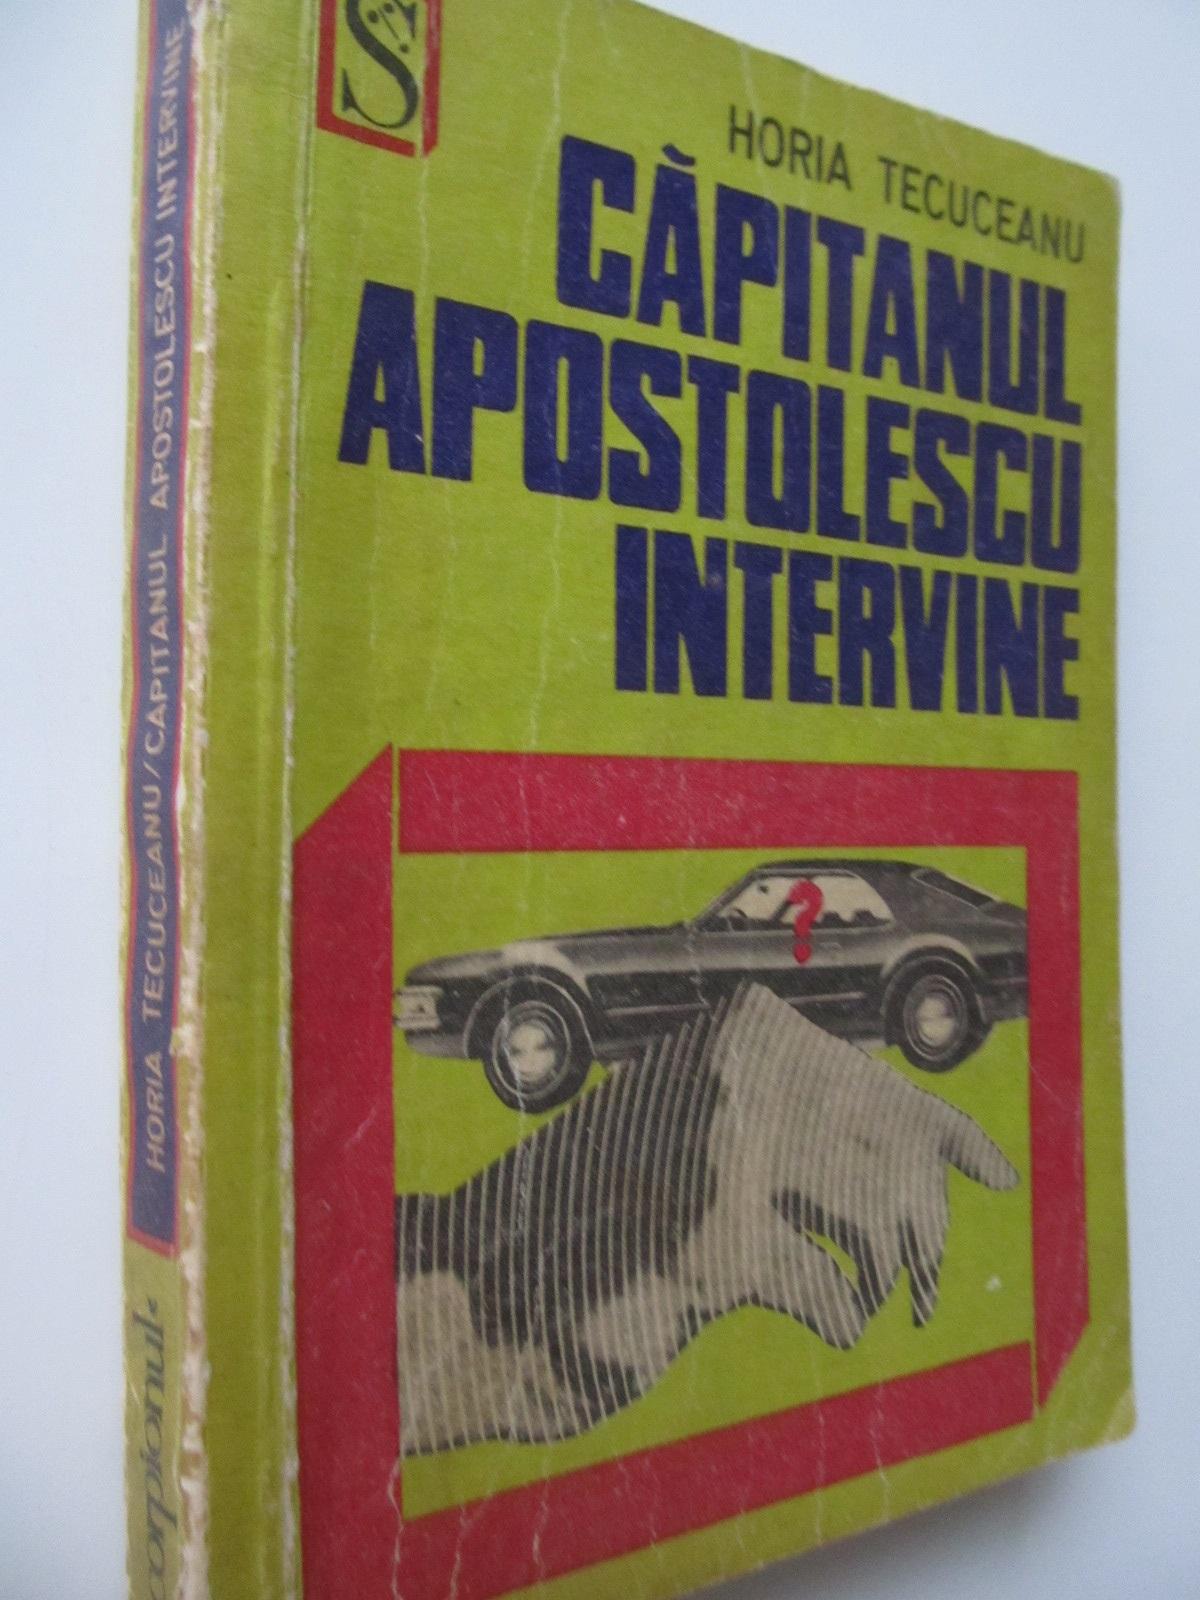 Carte Capitanul Apostolescu intervine - Horia Tecuceanu